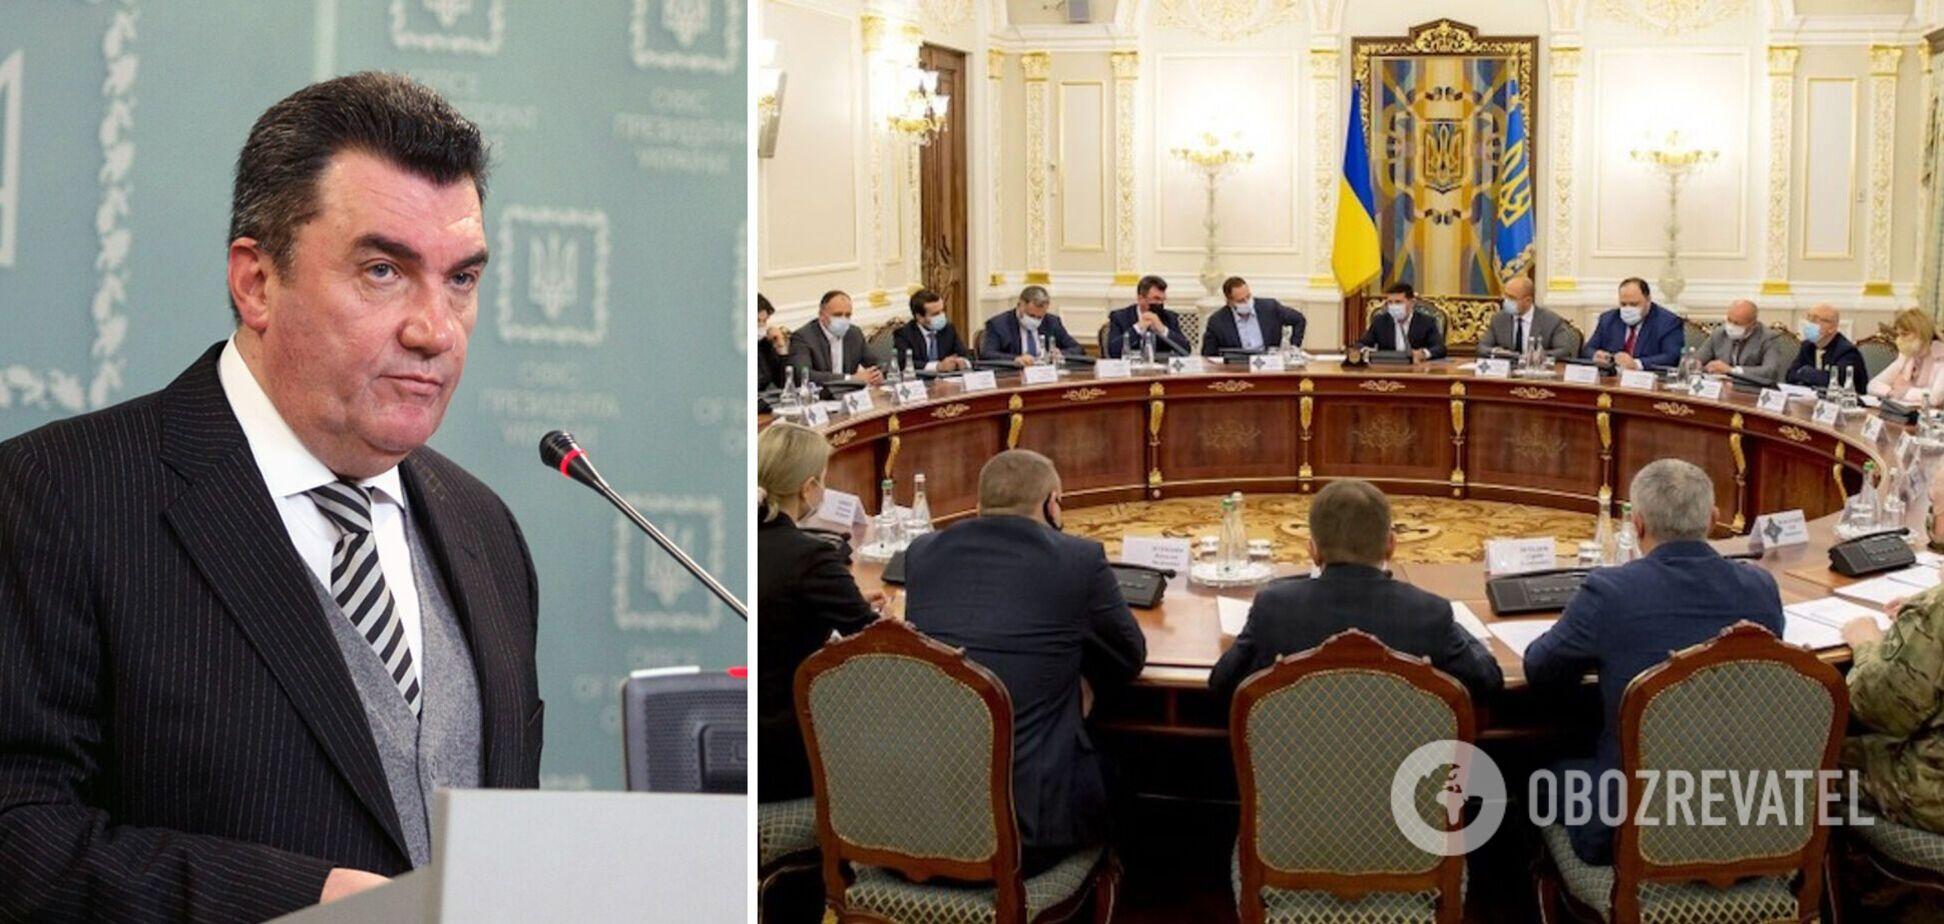 Данилов рассказал о грядущем заседании